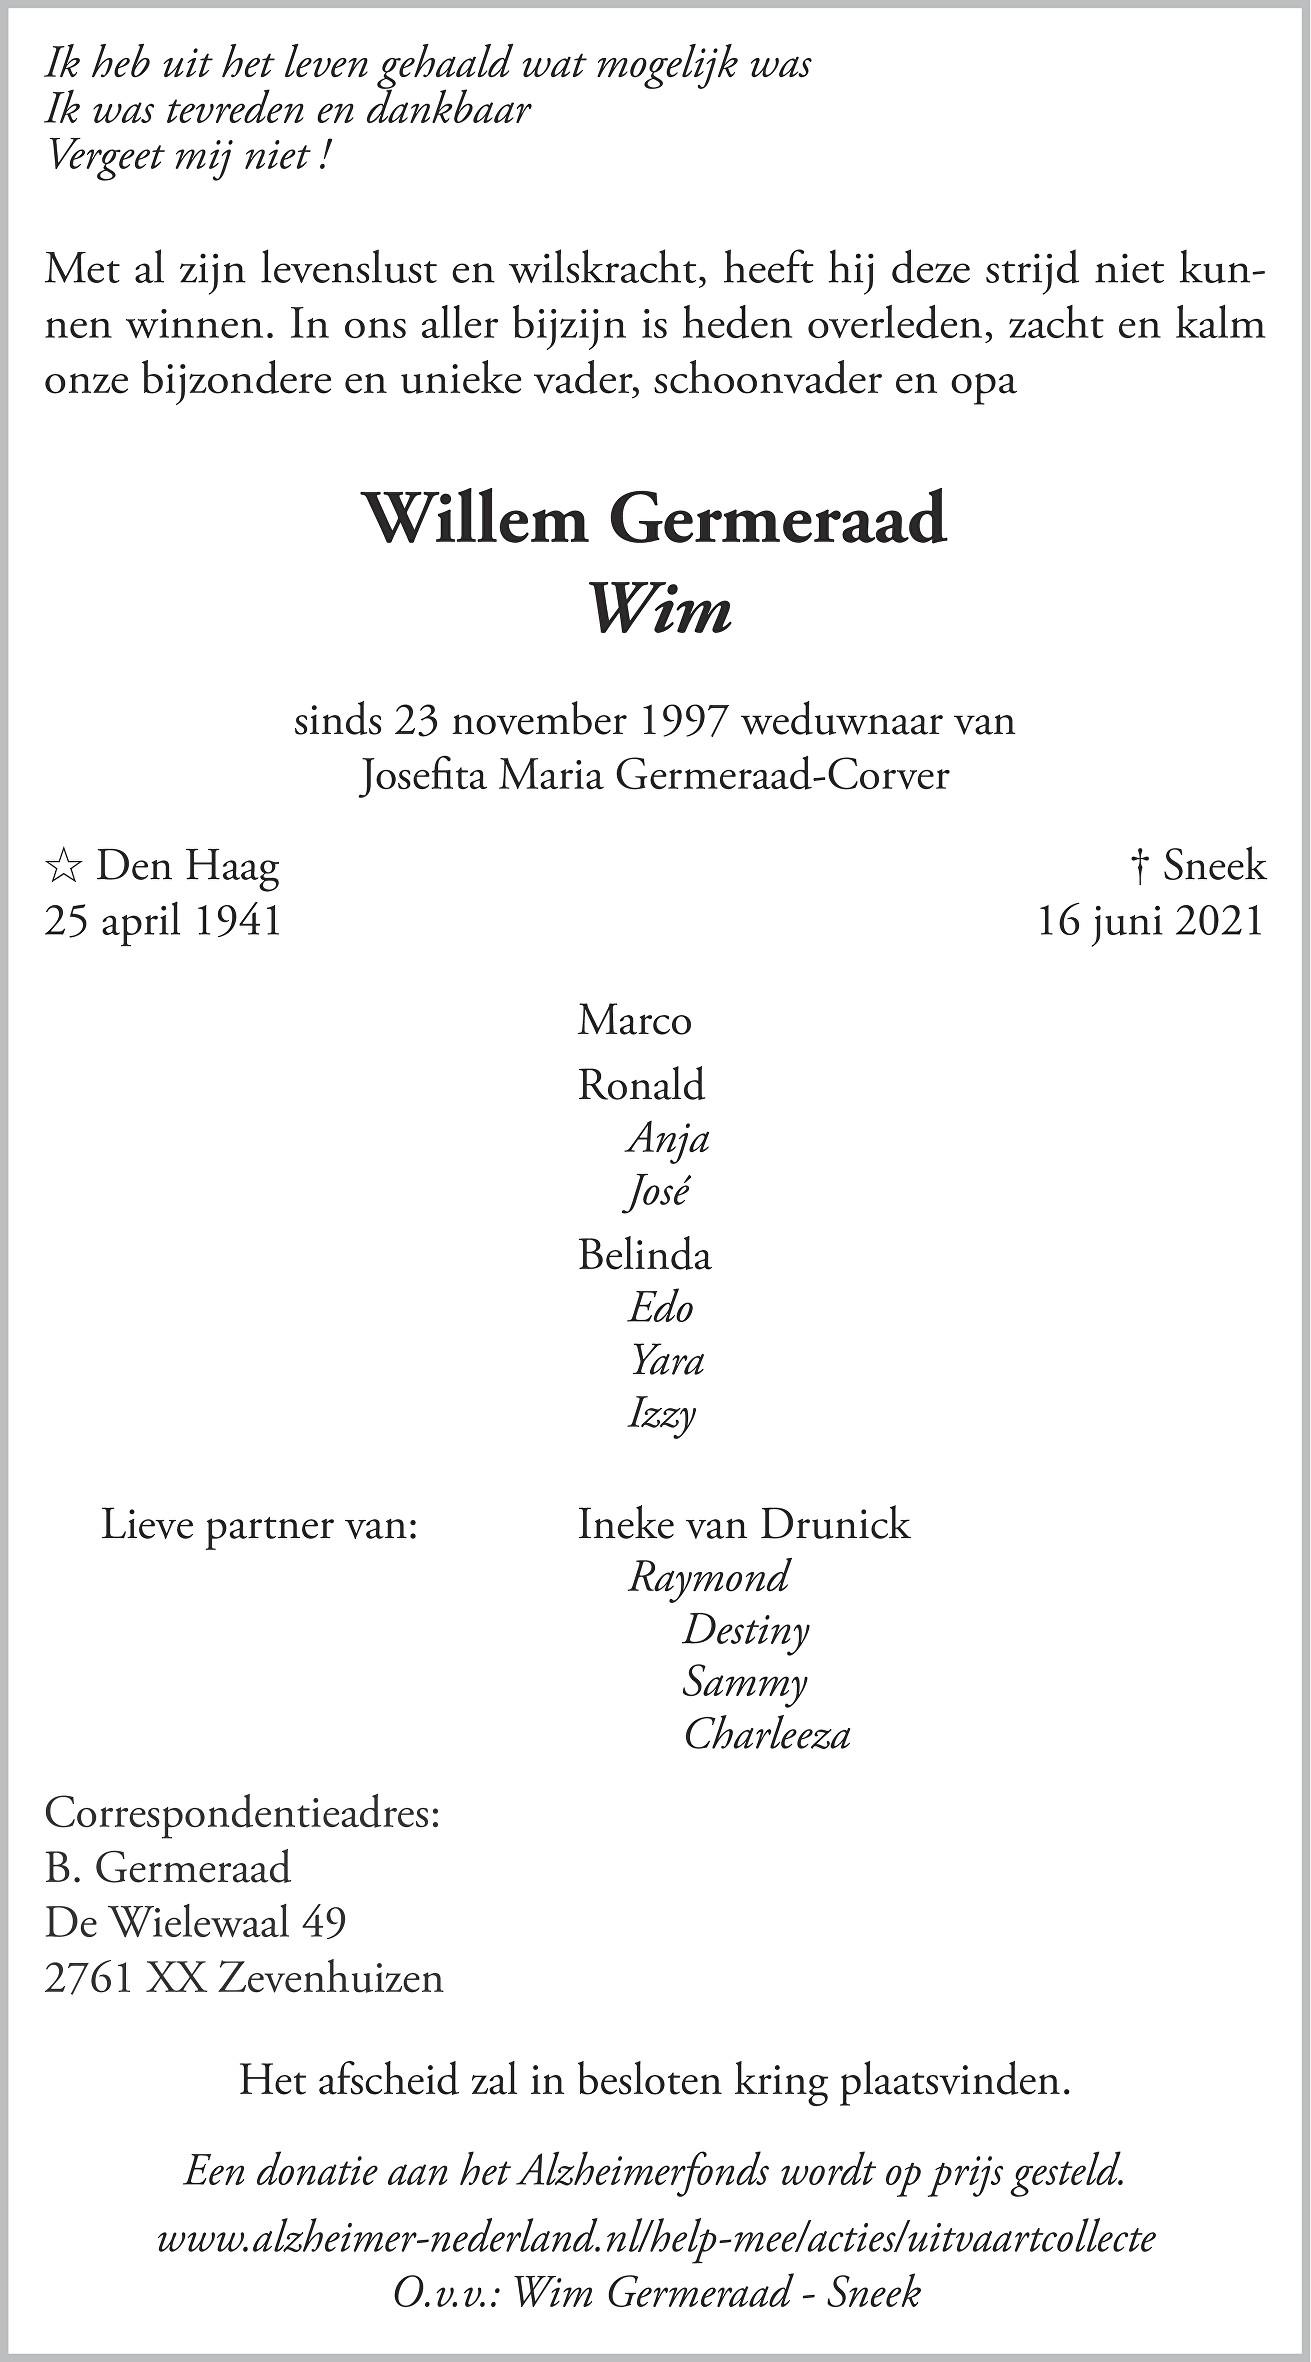 Willem Germeraad Death notice